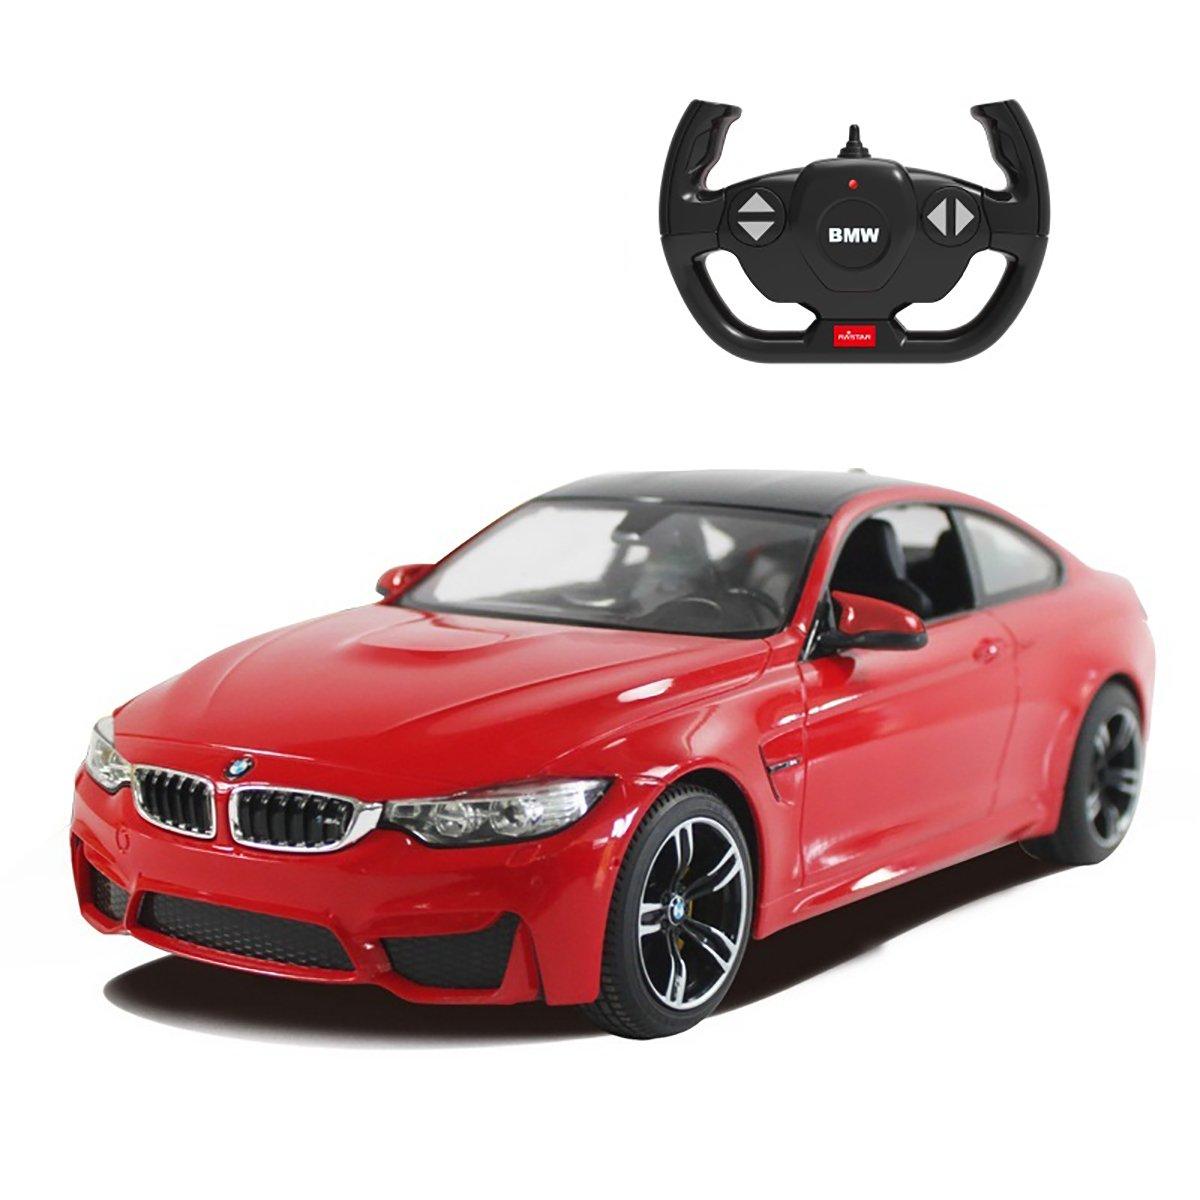 Masinuta cu telecomanda Rastar BMW M4 Coupe, Rosu, 1:14